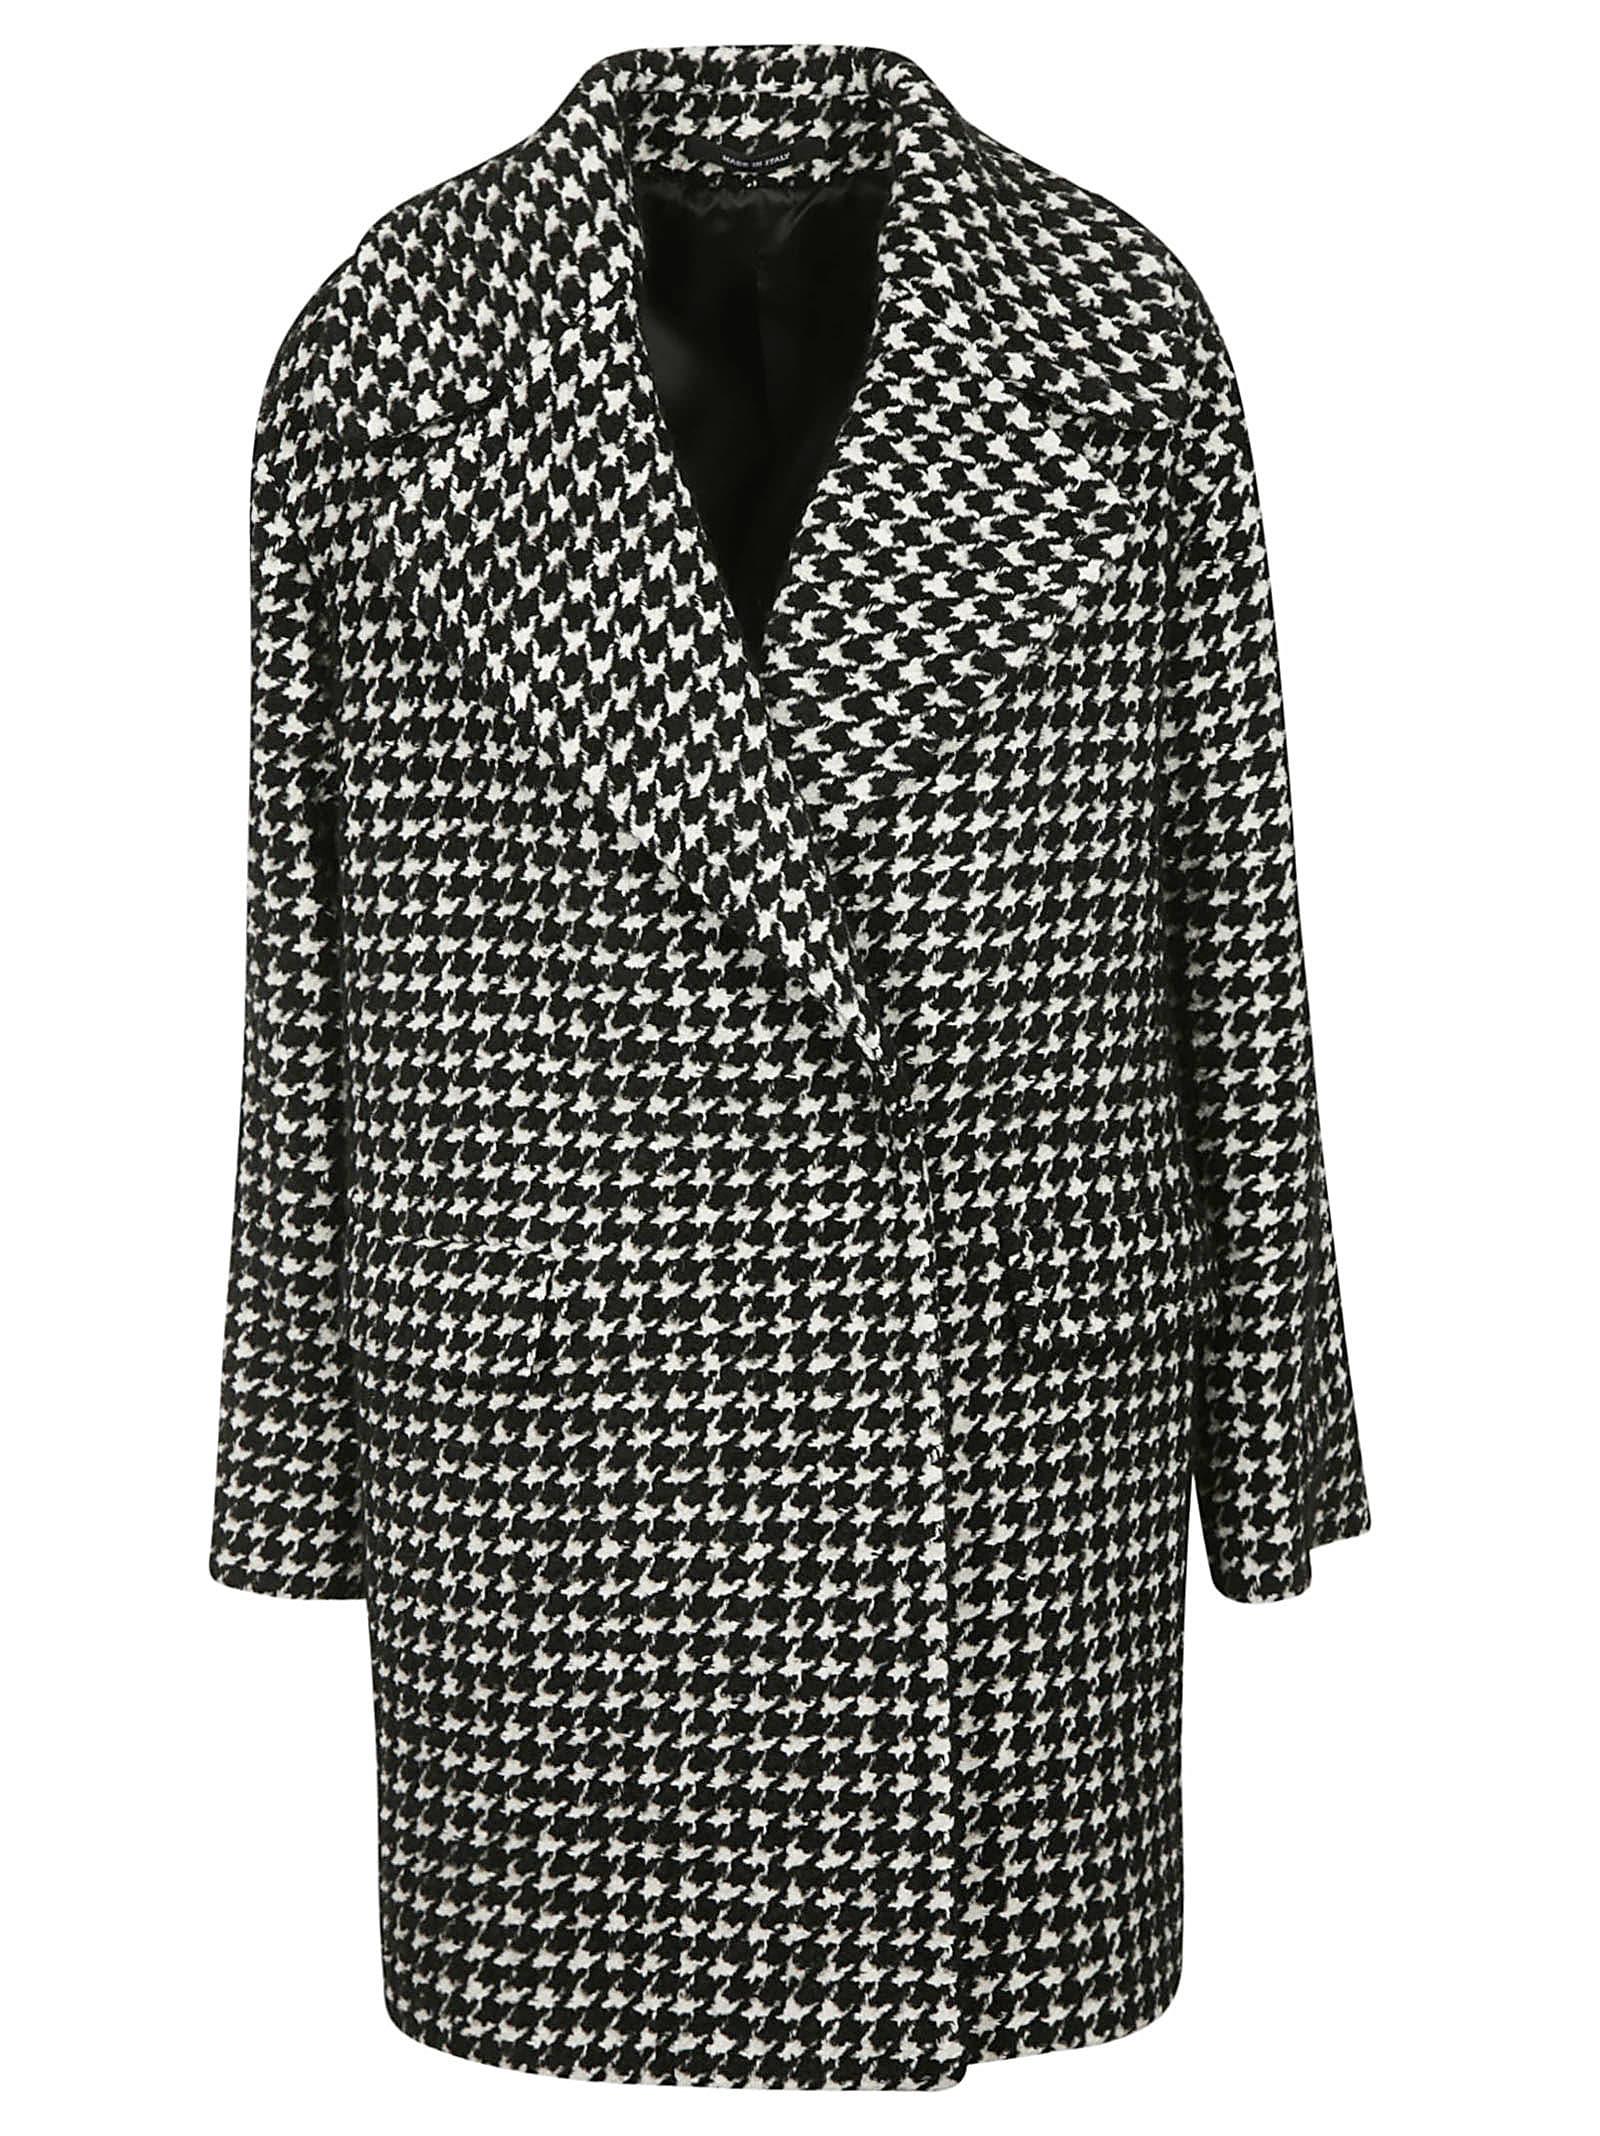 Tagliatore Patterned Coat